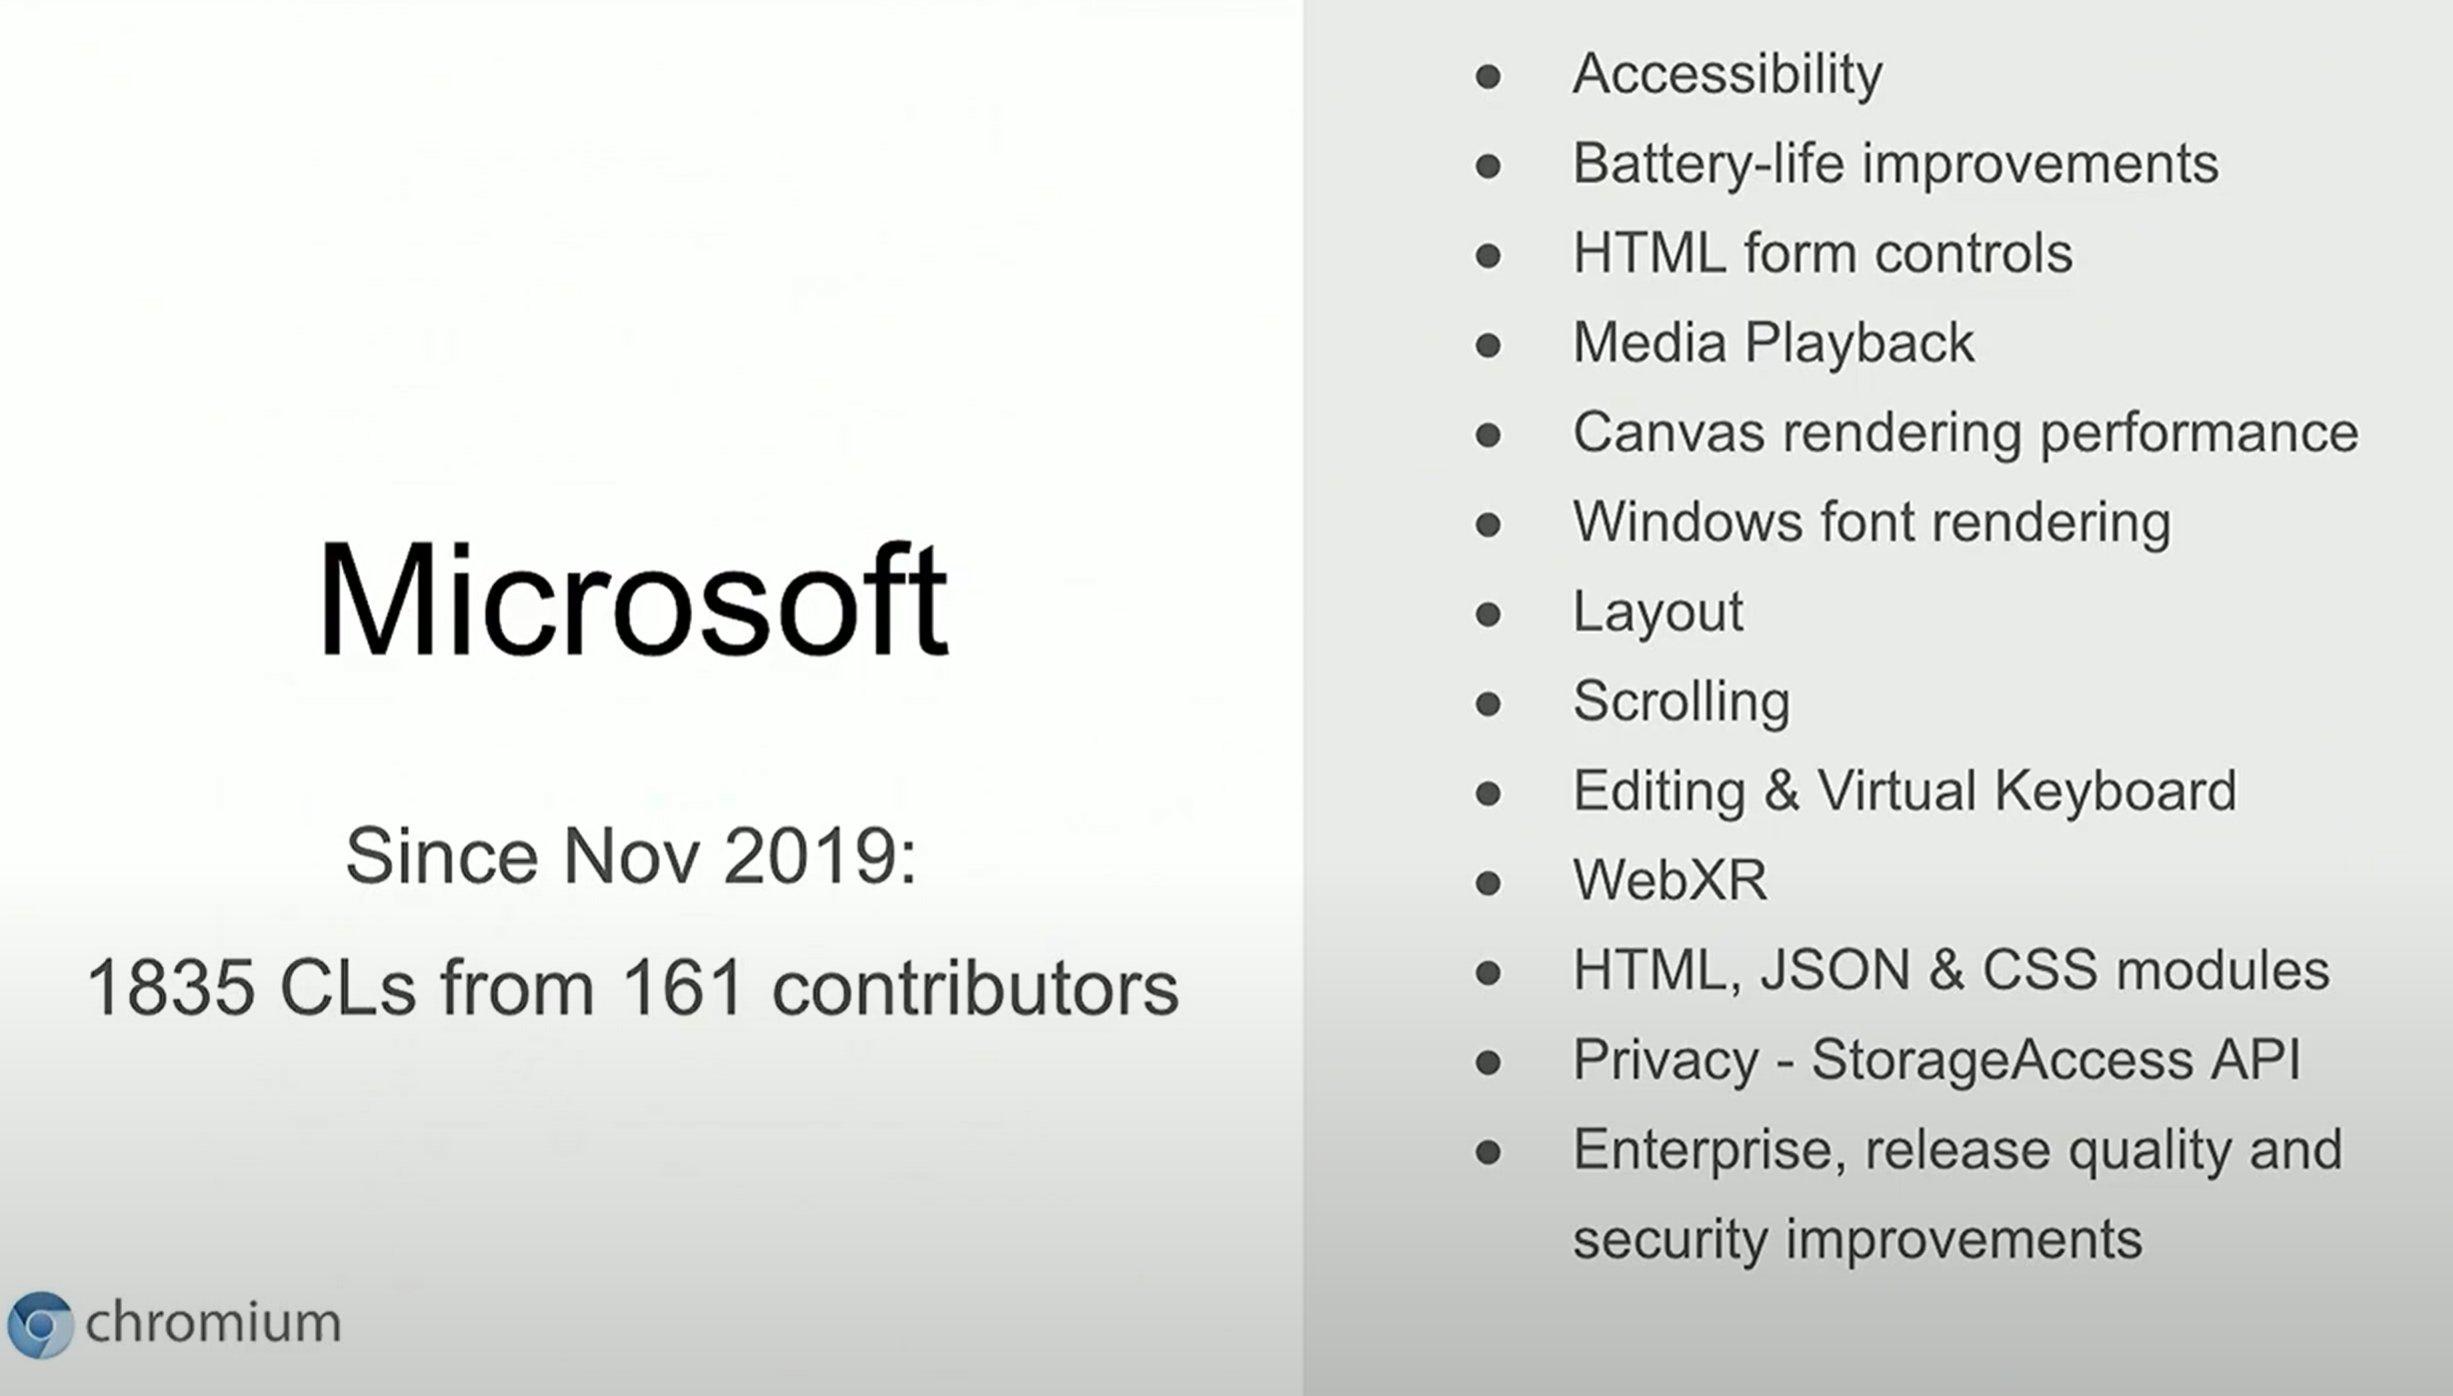 Liste des modifications clés apportées par Microsoft au moteur Google Chrome